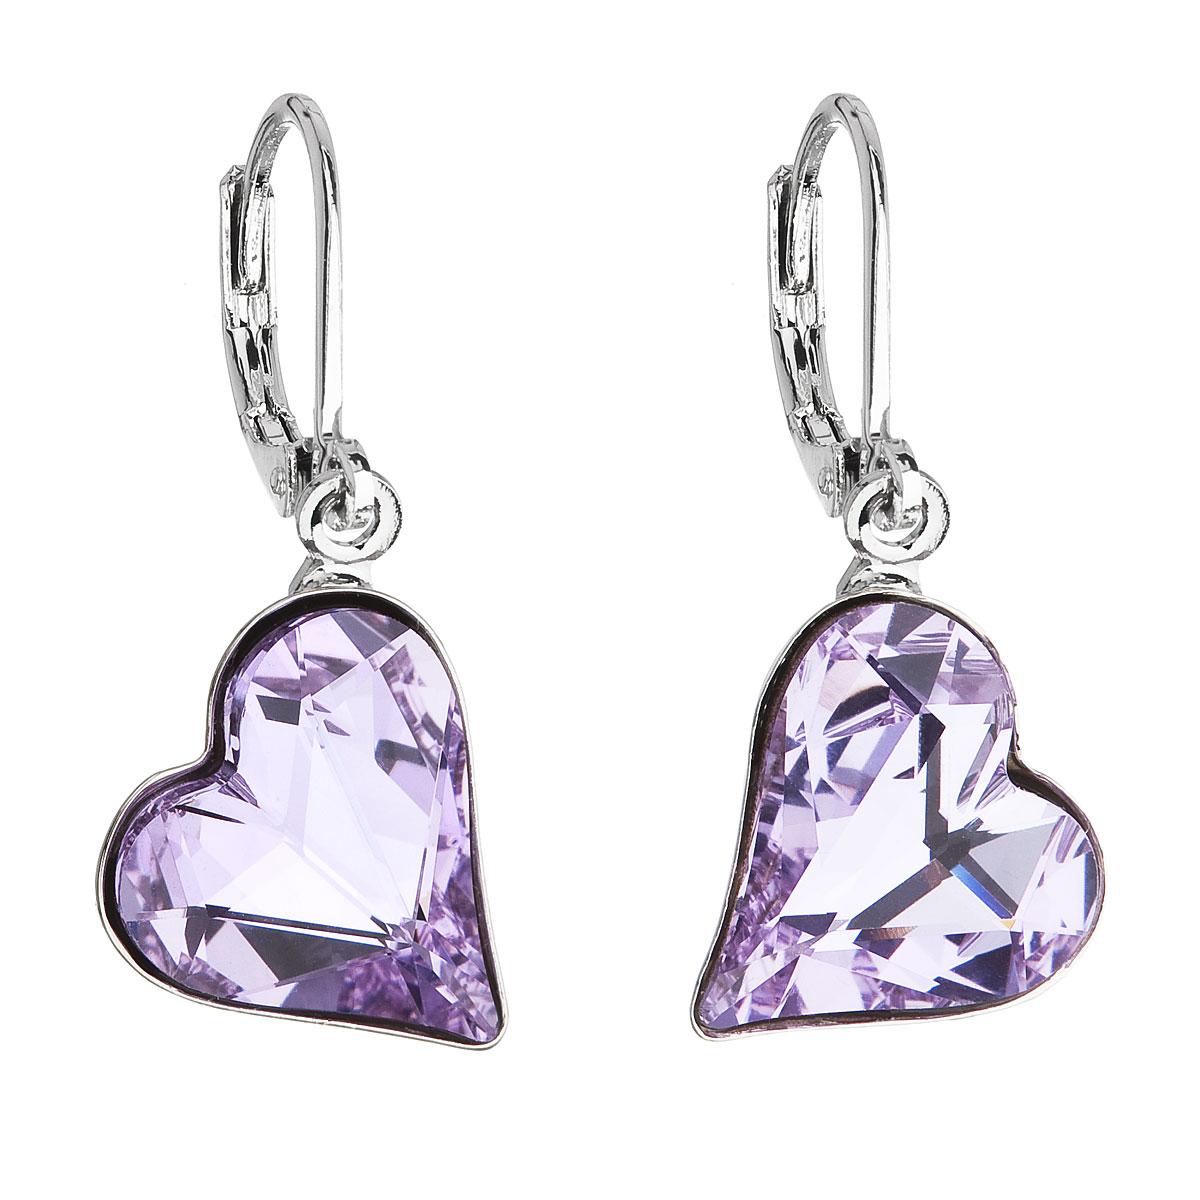 Náušnice bižutéria so Swarovski krištáľmi fialové srdce 51054.3